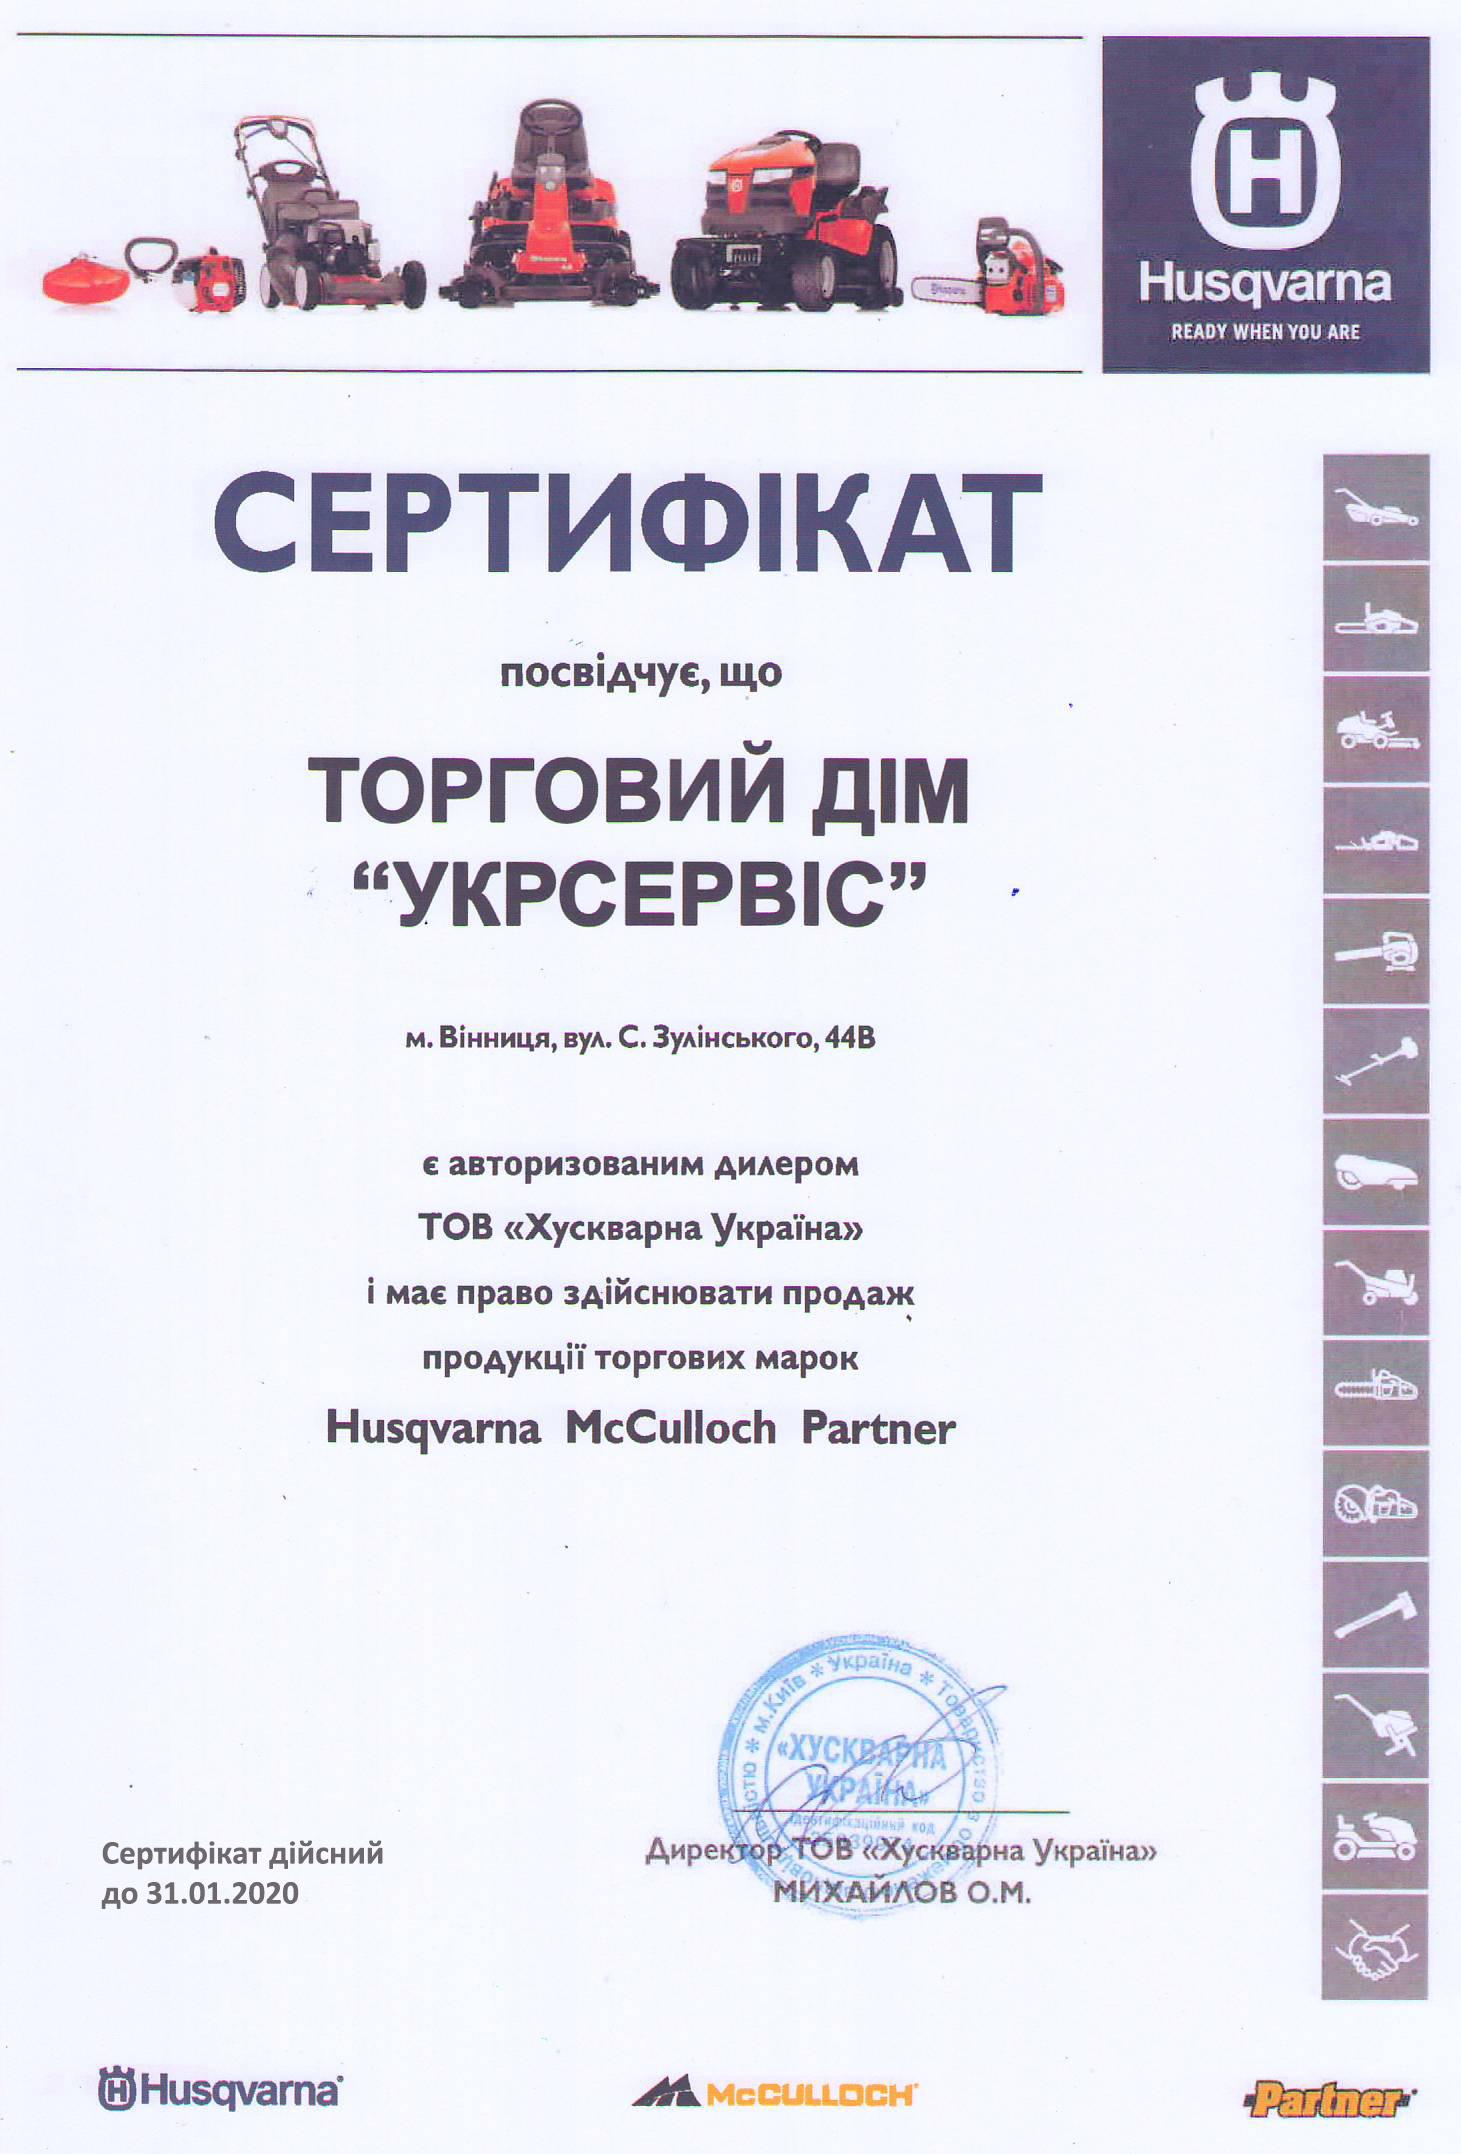 Официальный сертификат торговой марки McCulloch